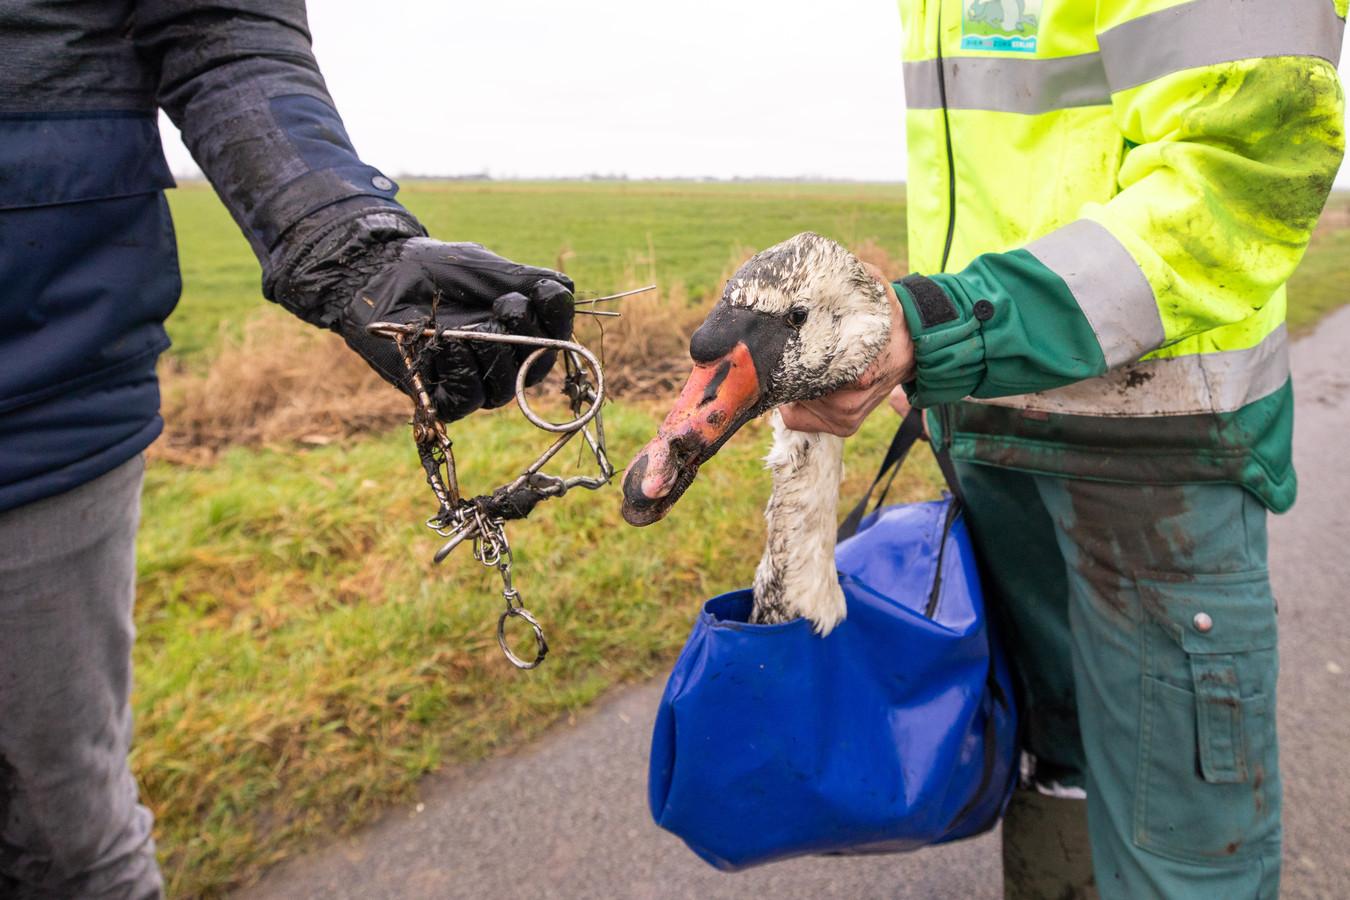 Met een dier in nood mogen dierenambulances binnen afzienbare tijd over de snellere busbaan.